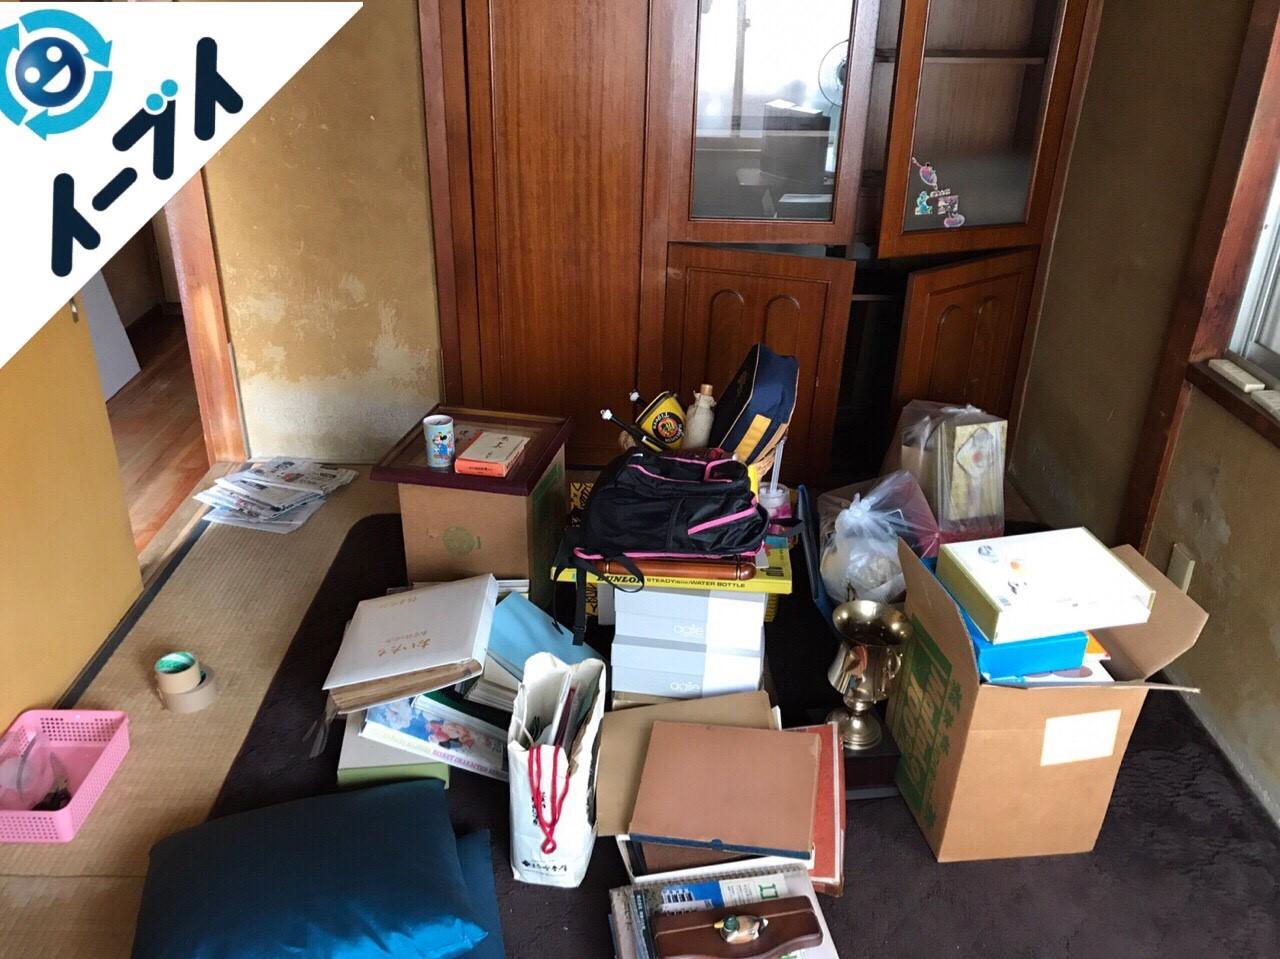 大阪府貝塚市で遺品整理に伴う家具や生活用品の処分をしました。写真8